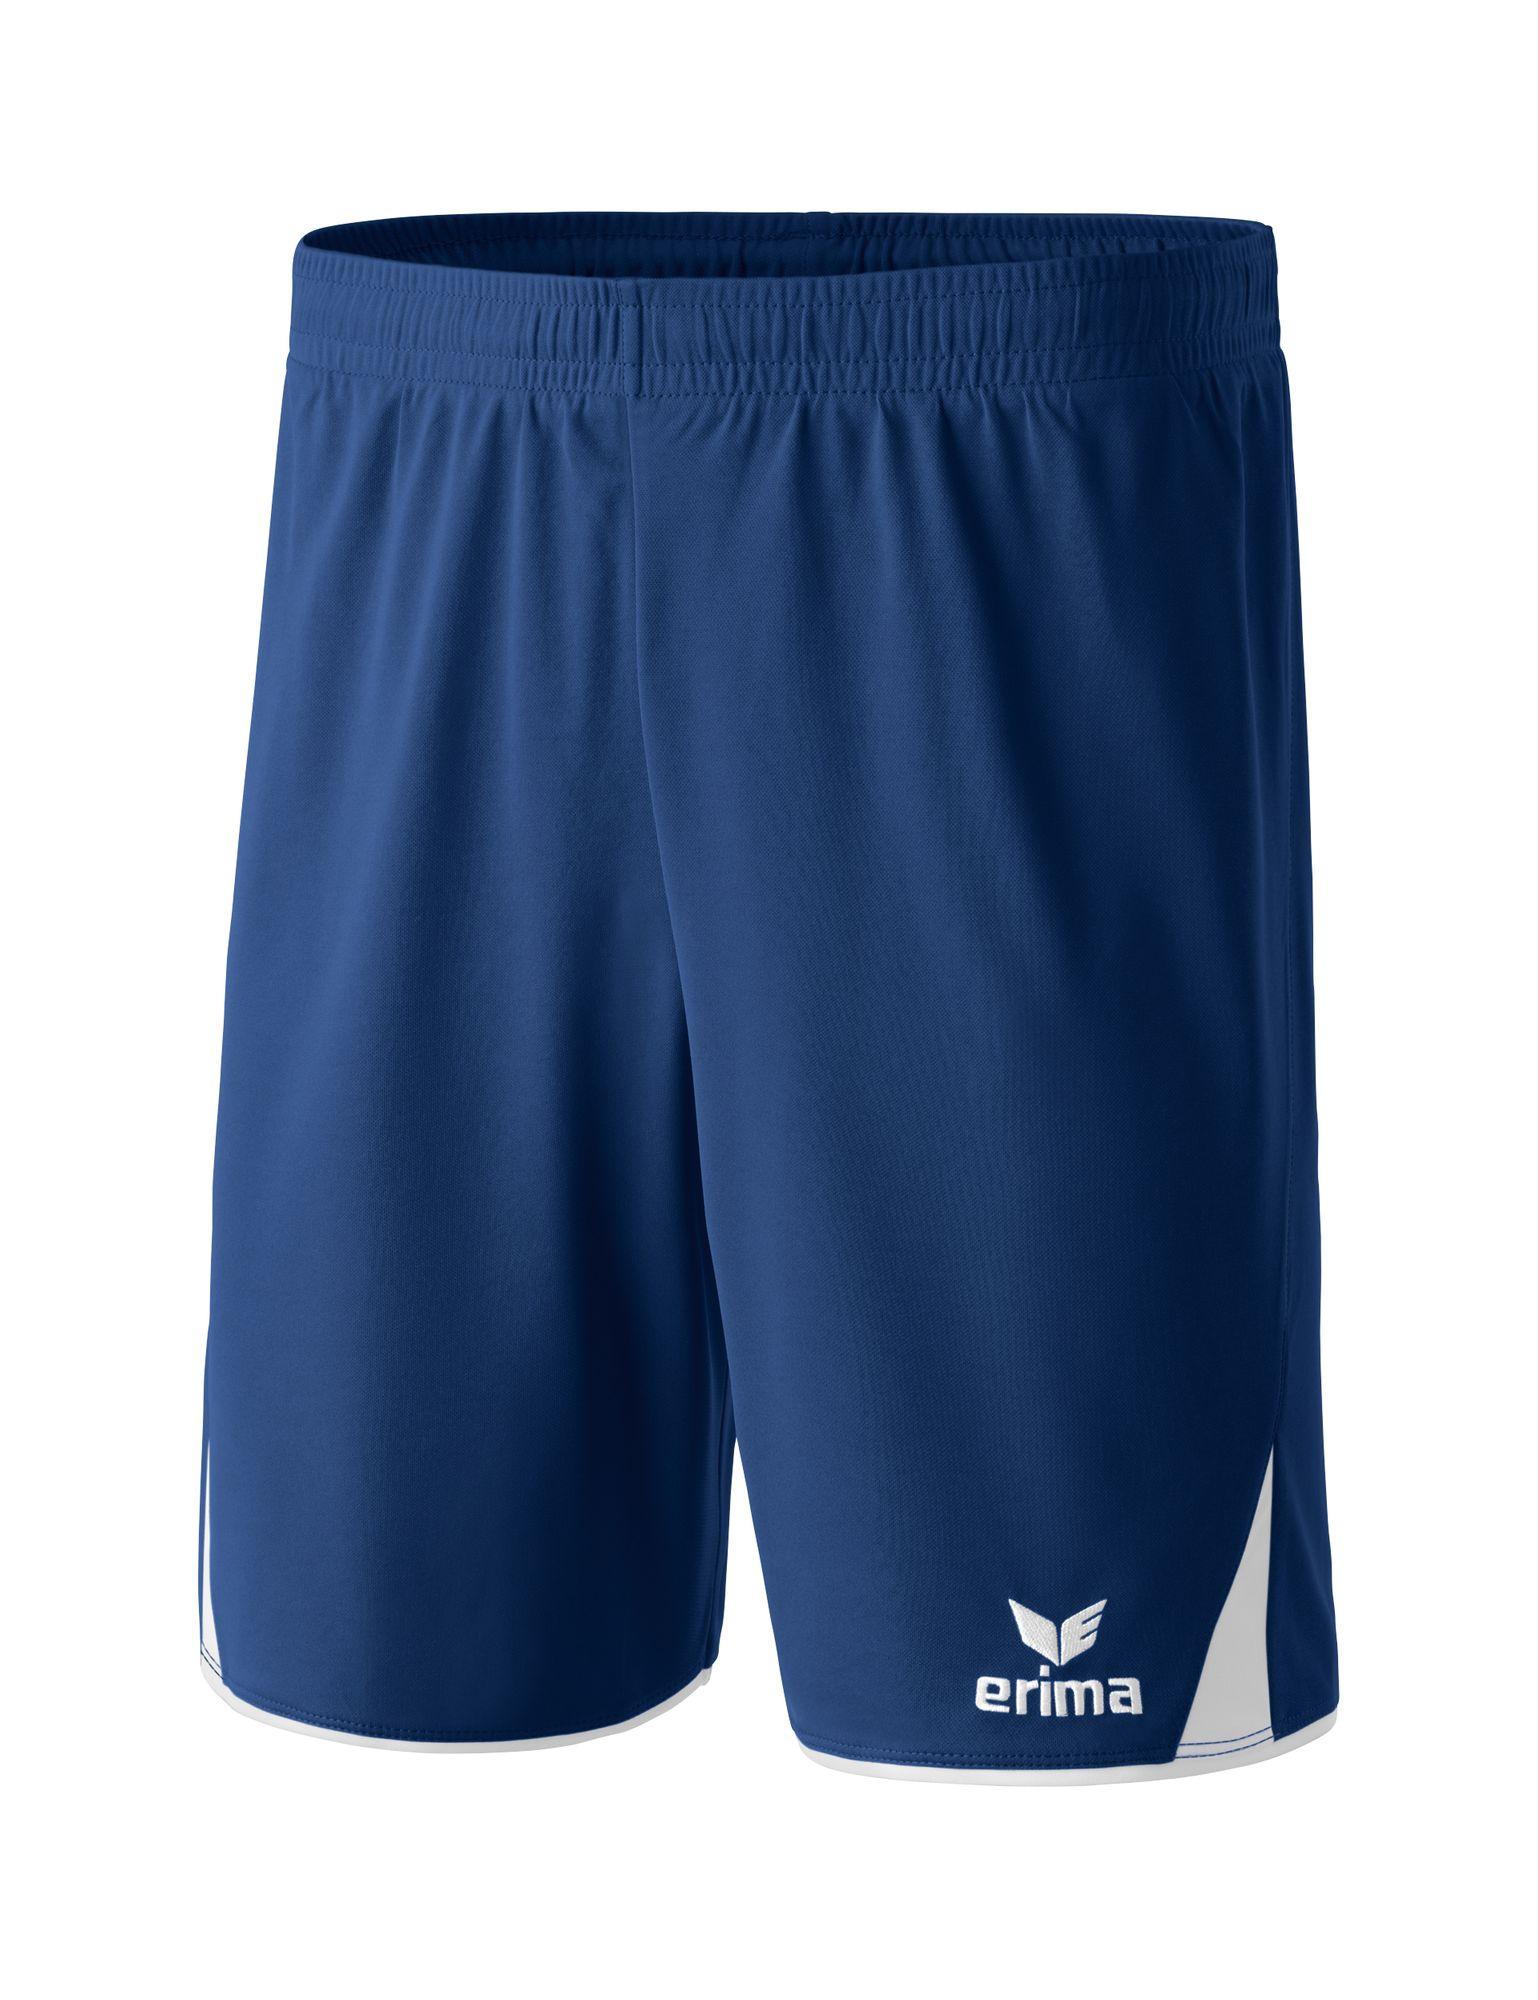 Erima Classic 5-Cubes Shorts With Inner S - new navy/white - Shorts-Herren